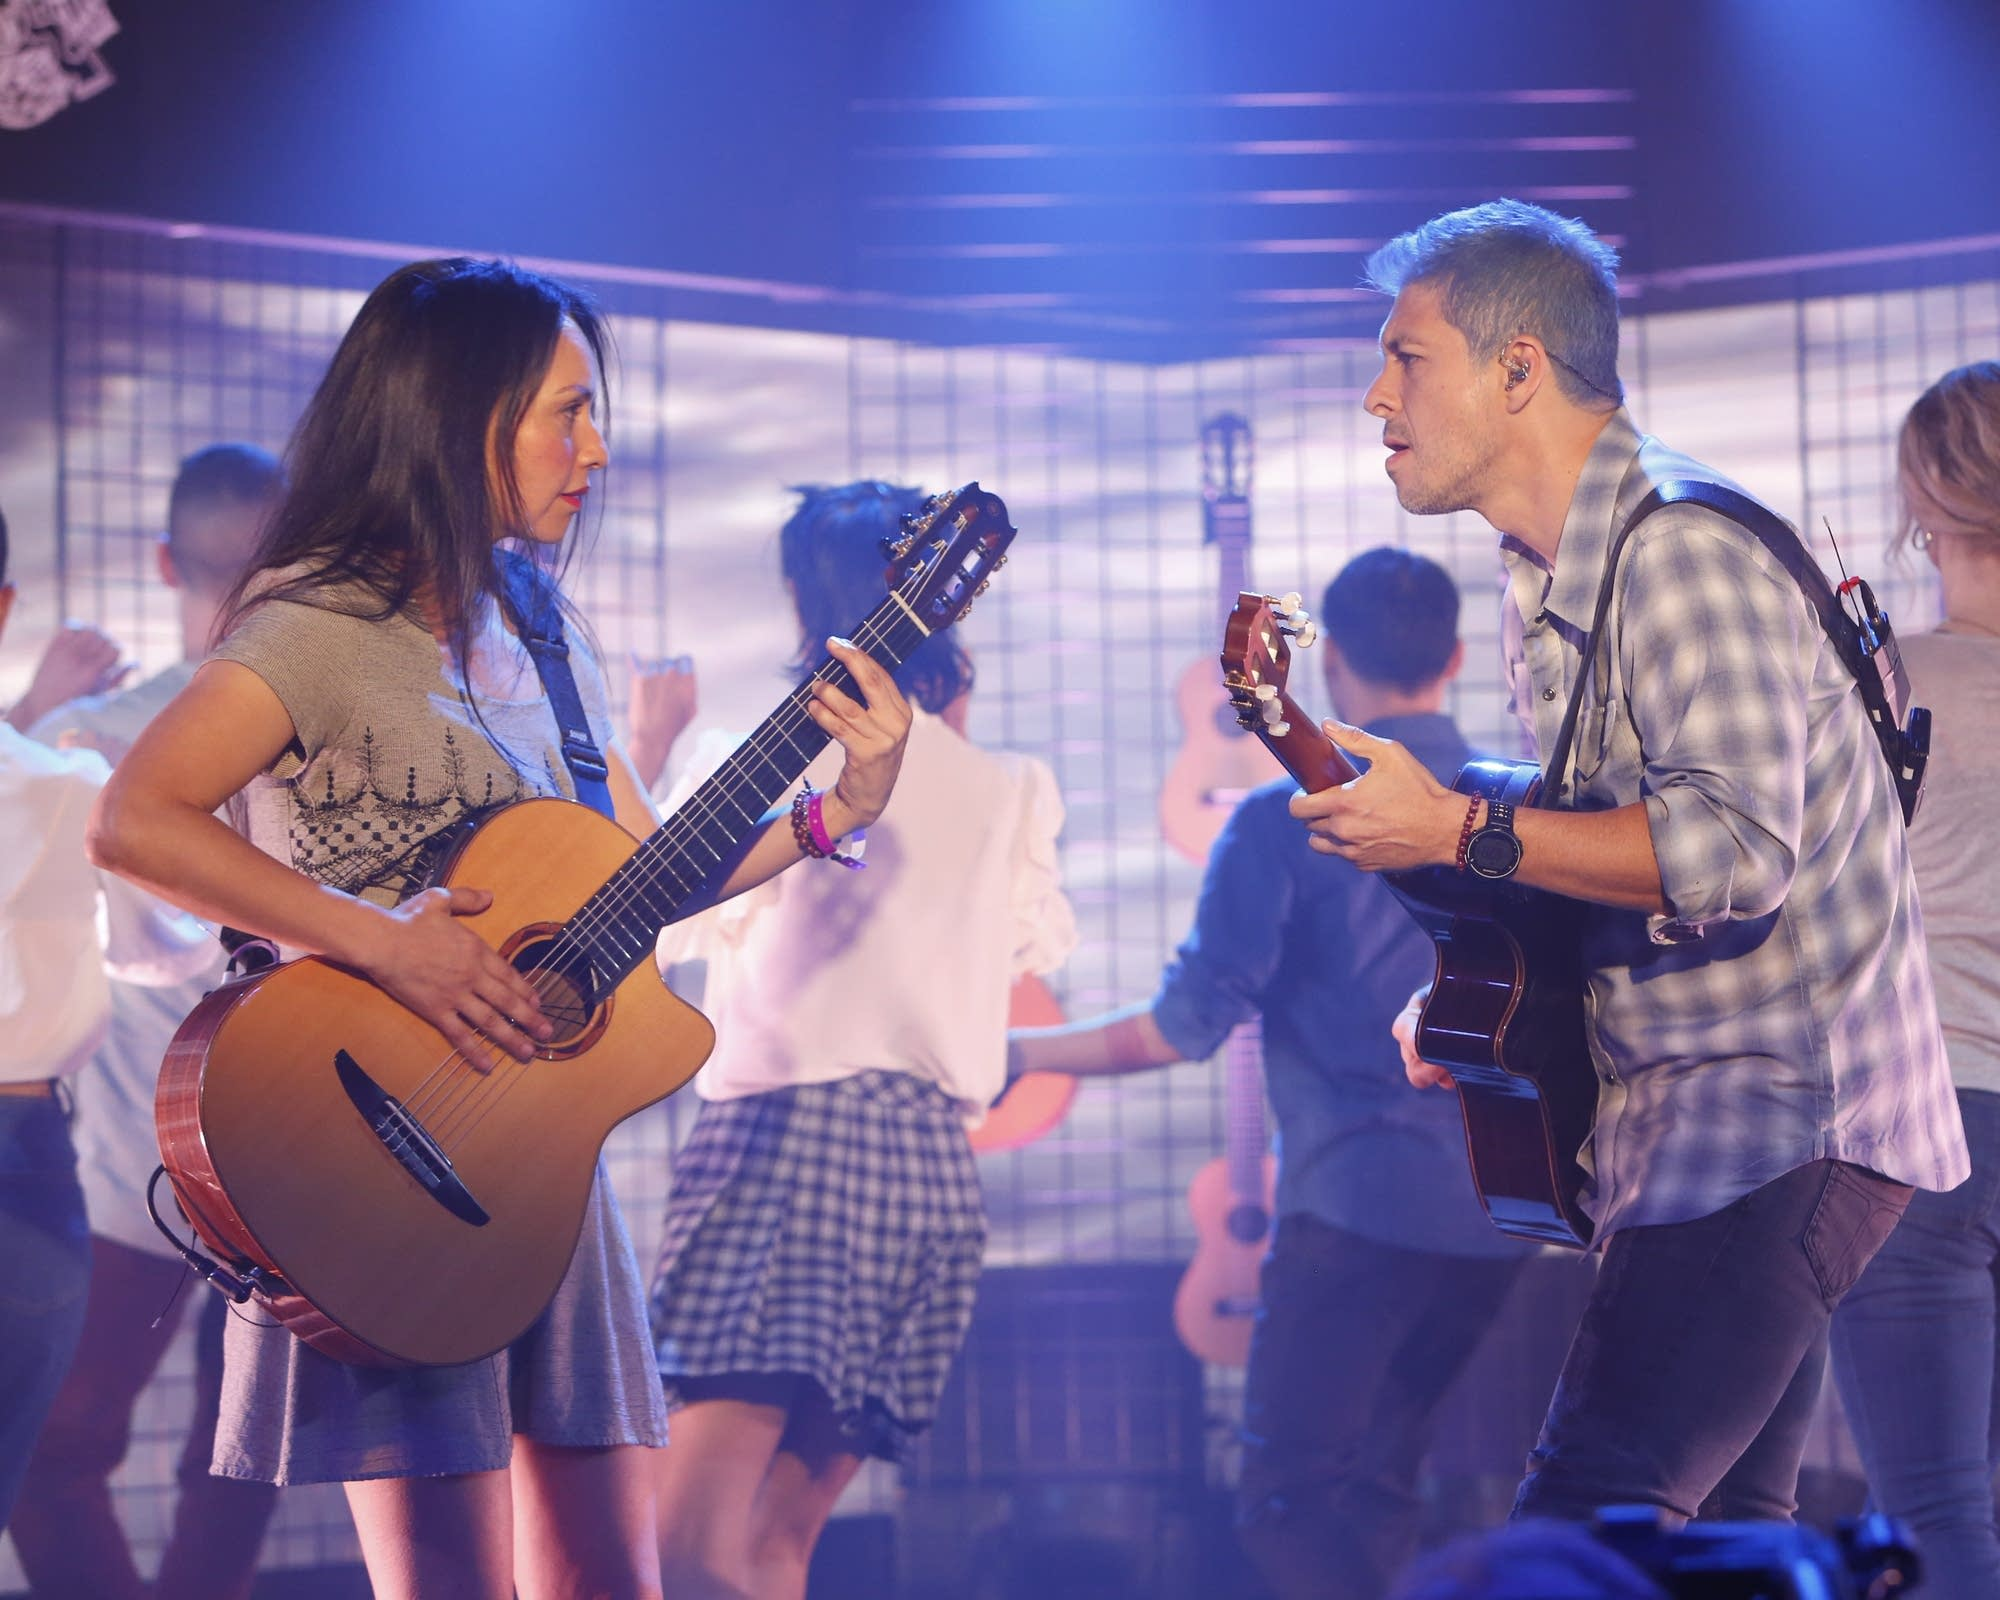 Rodrigo y Gabriela on 'Jimmy Kimmel Live!' on ABC